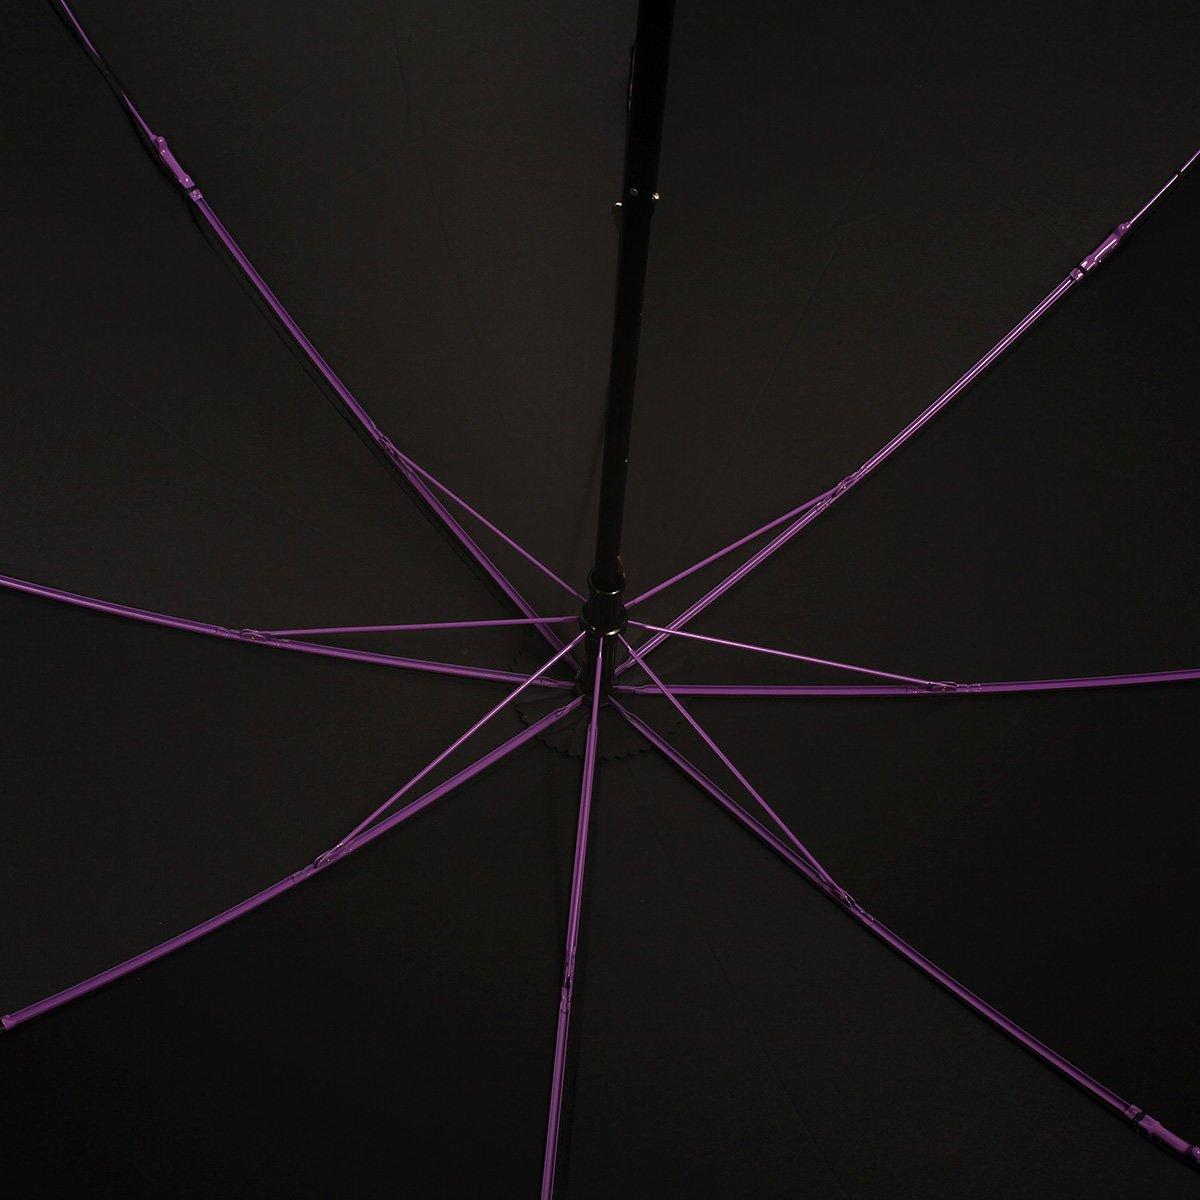 強力撥水 レインドロップ レクタス カラー骨 2段折 折りたたみ傘 詳細画像5